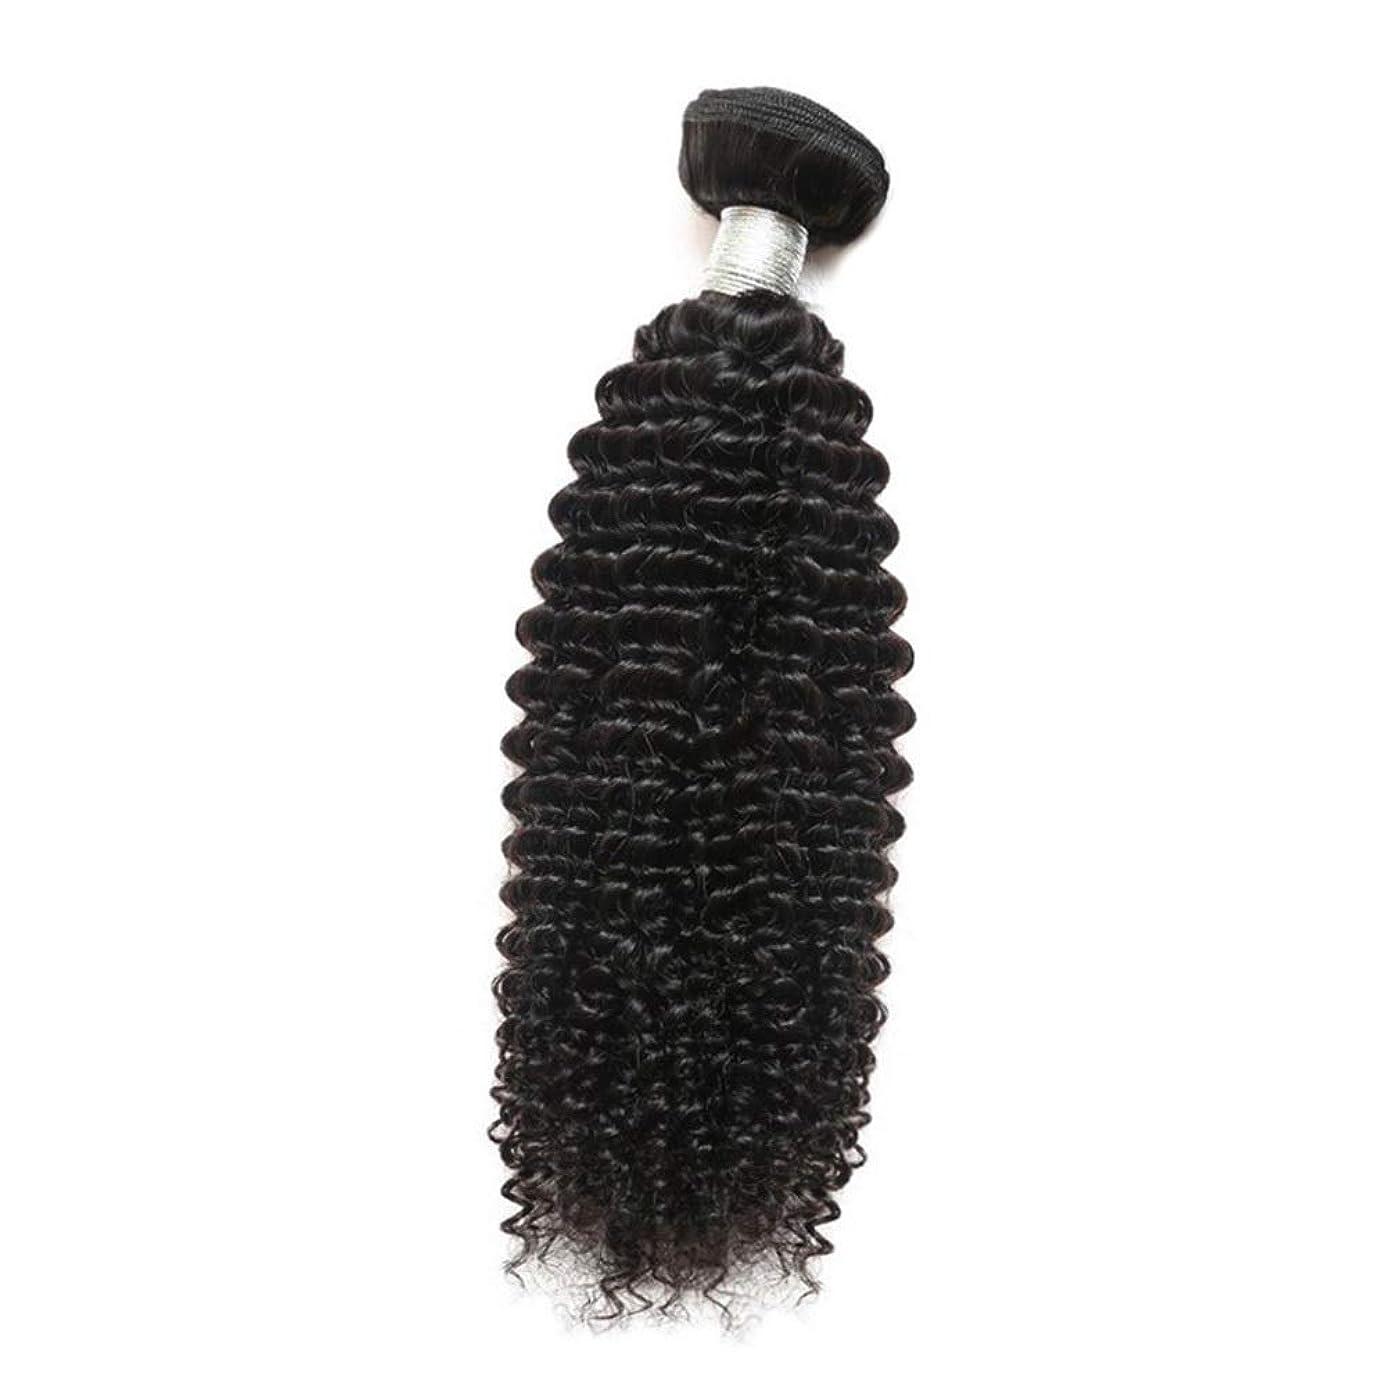 発明トレイルハリウッドBOBIDYEE 女性のその他の特徴巻き毛人間の髪1バンドルアフリカの小さな巻き毛織り100%未処理のバージン人間の毛髪の合成髪レースかつらロールプレイングかつらストレートシリンダーショートスタイル女性自然 (色 : 黒, サイズ : 20 inch)